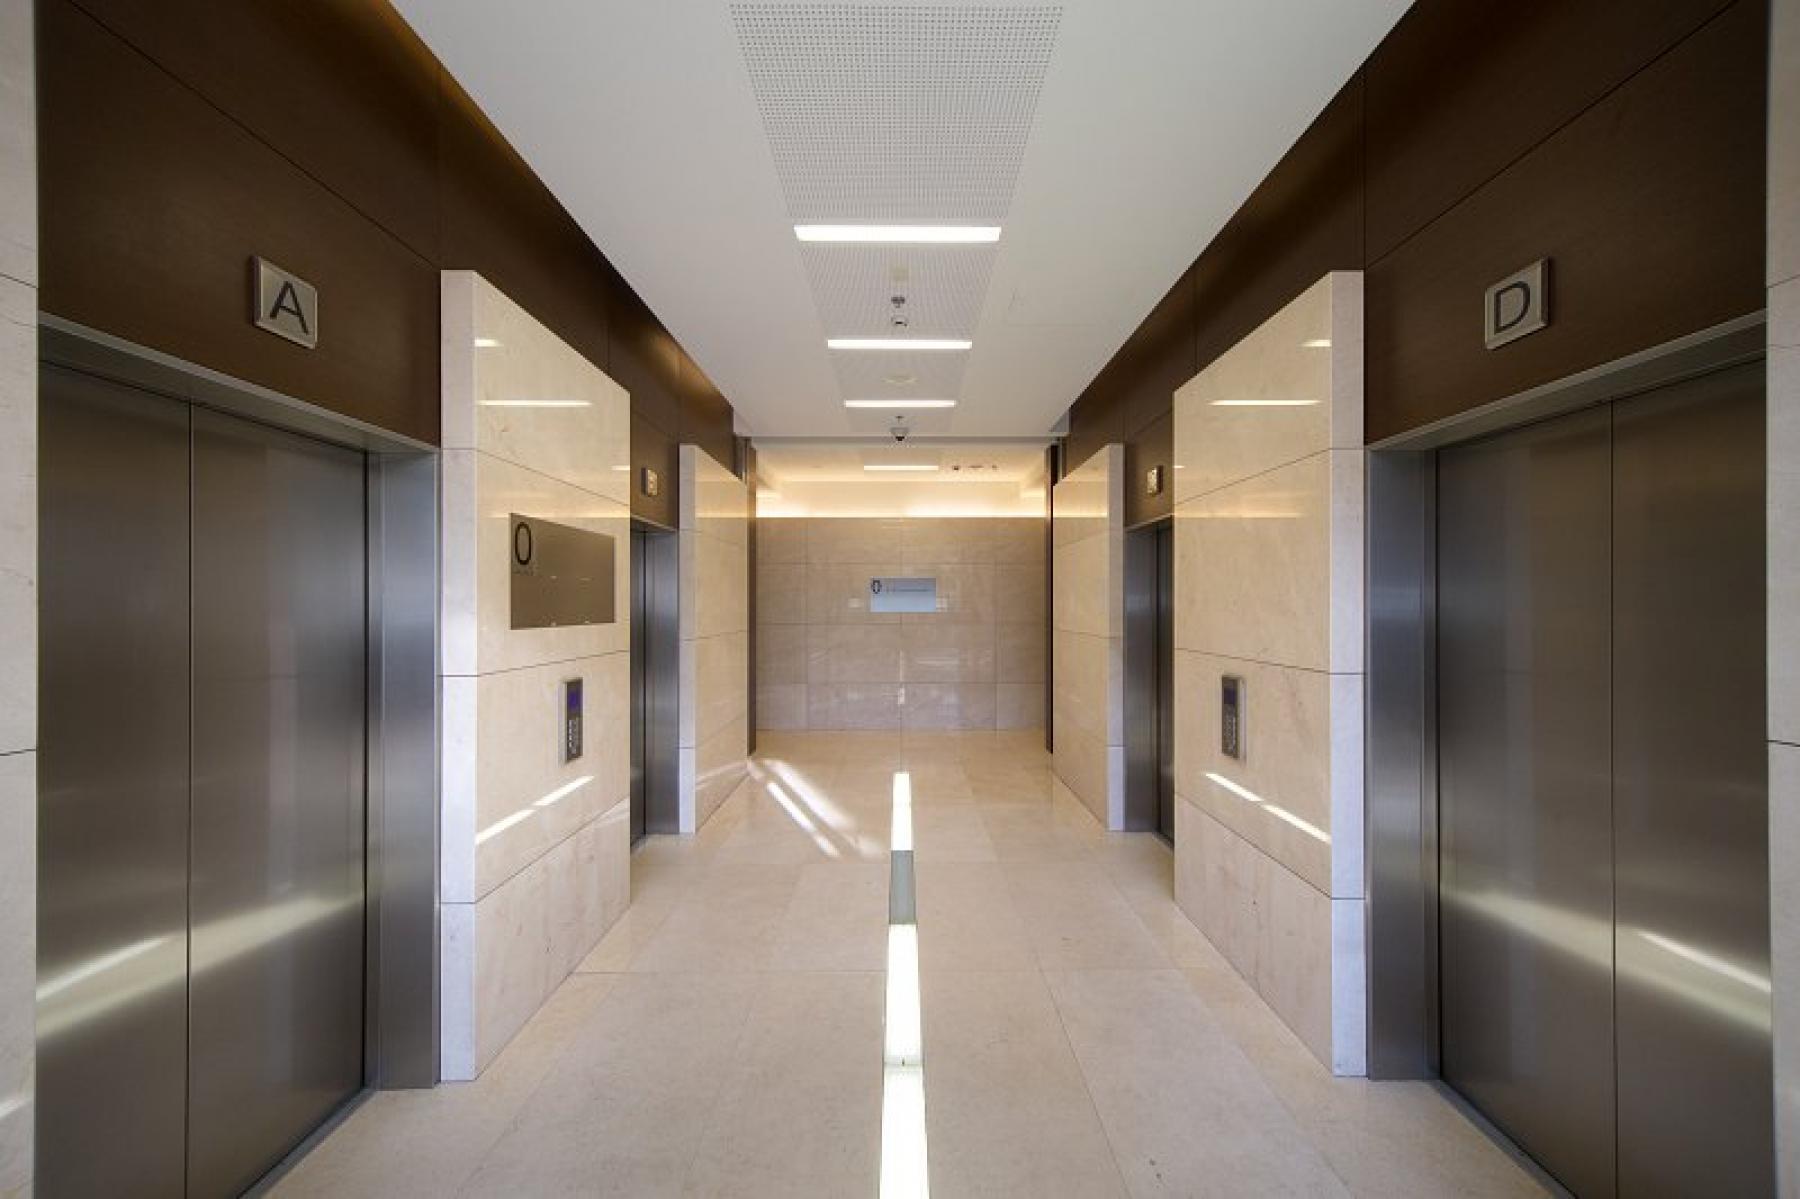 korytarz z windami postępu warszawa